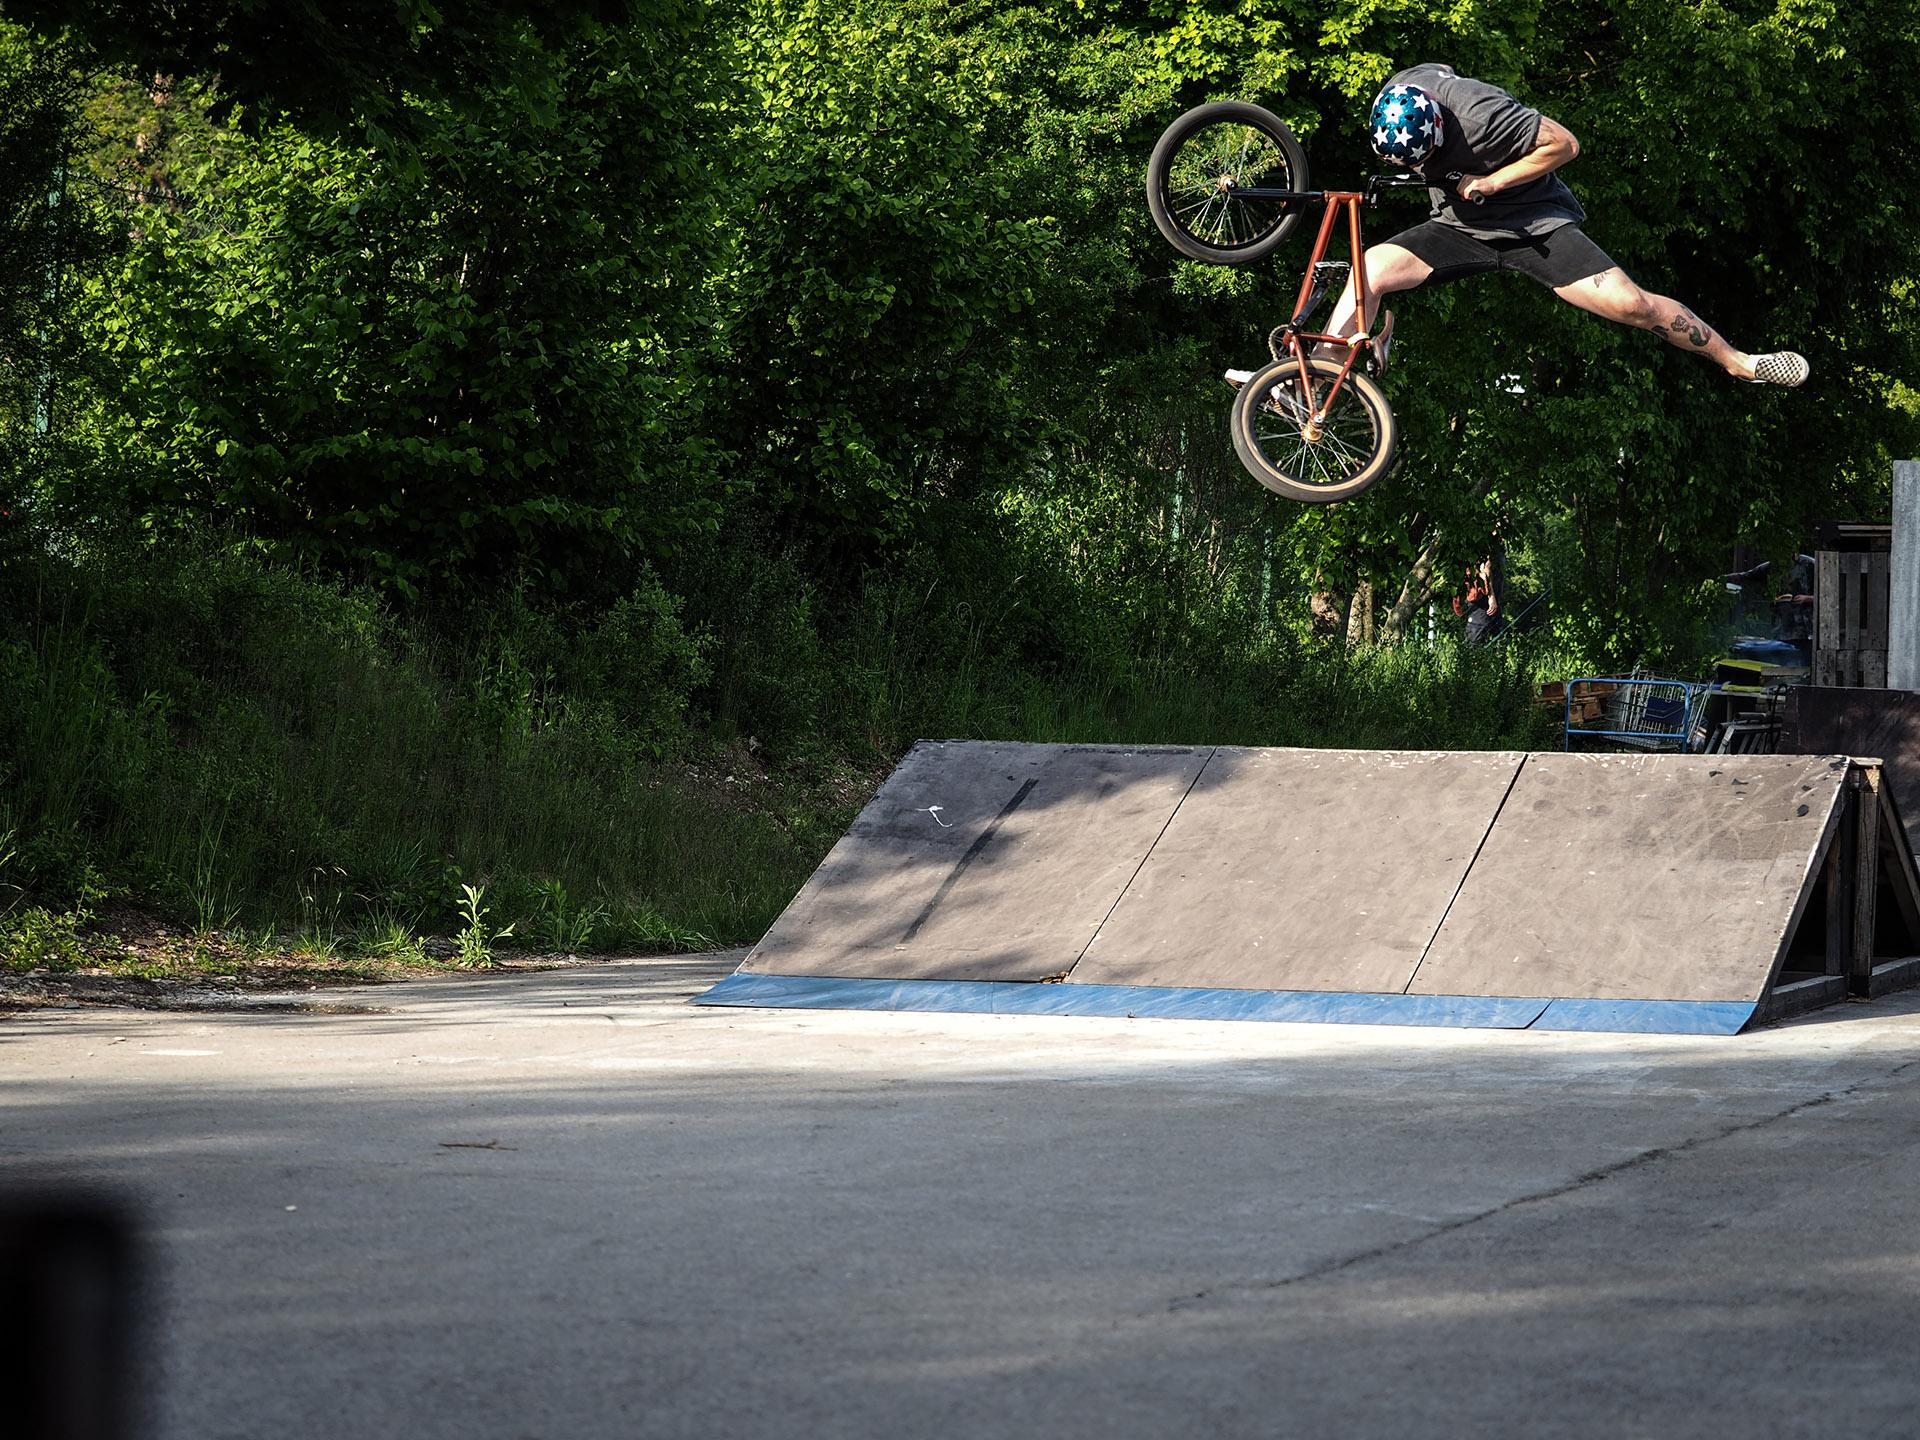 Nils Jacob mit einem Trick, der in den Urzeiten von BMX erfunden wurde: Griz Air über das Hausdach